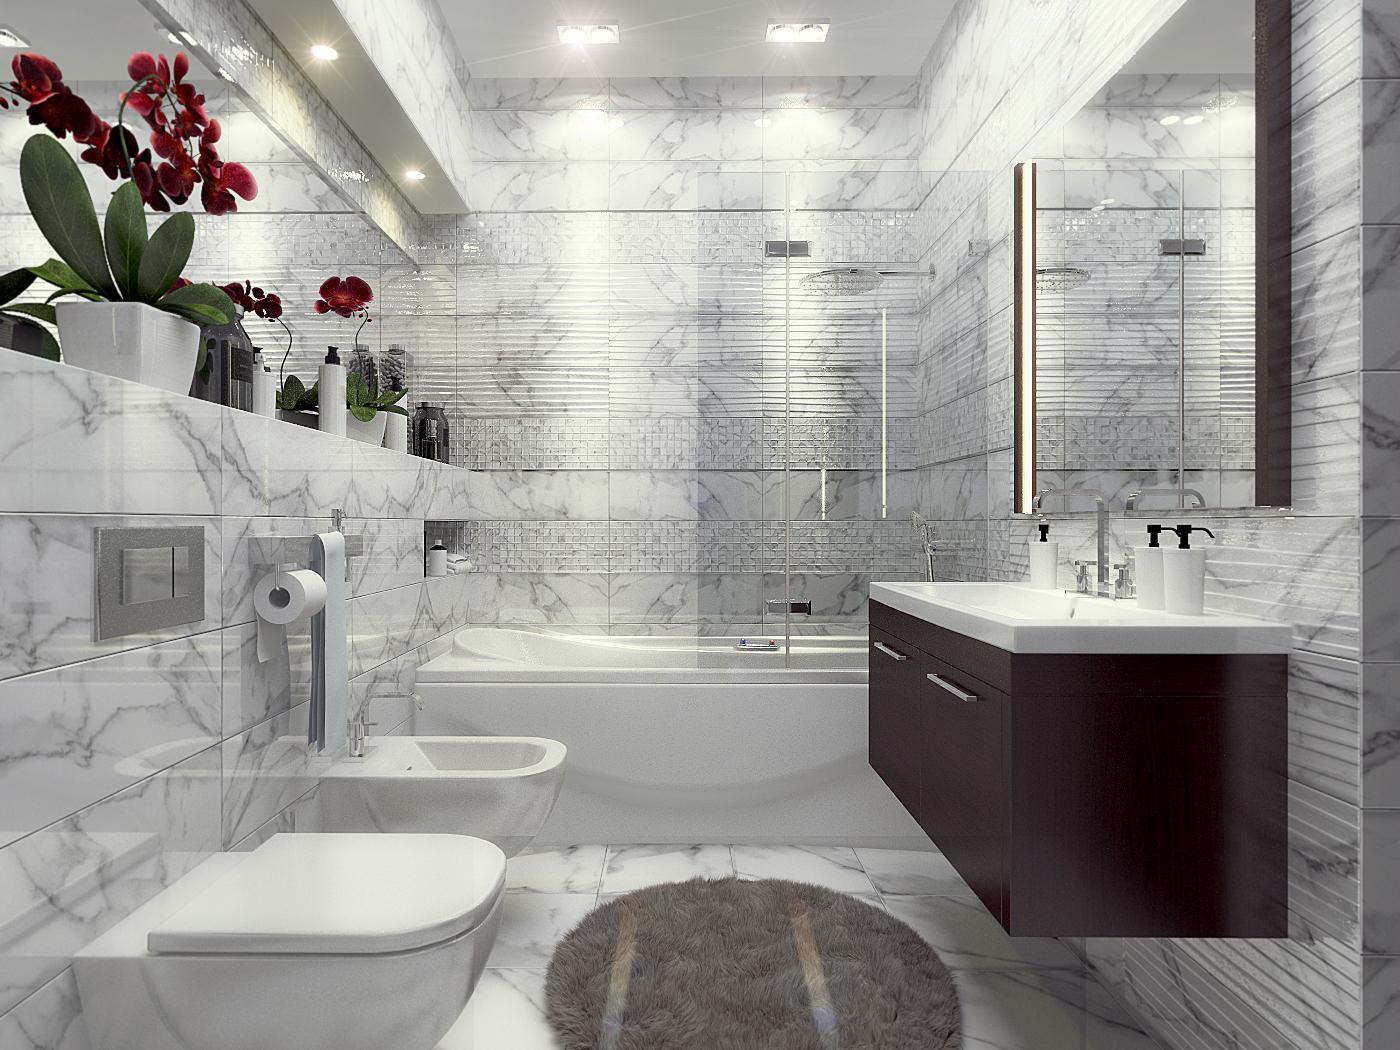 Плитка для ванной Керамическая плитка Калаката БЕЛЛЕЗА / BELLEZA: цвет - белый; размер плитки -  - Купить в интернет-магазине Мир Керамики